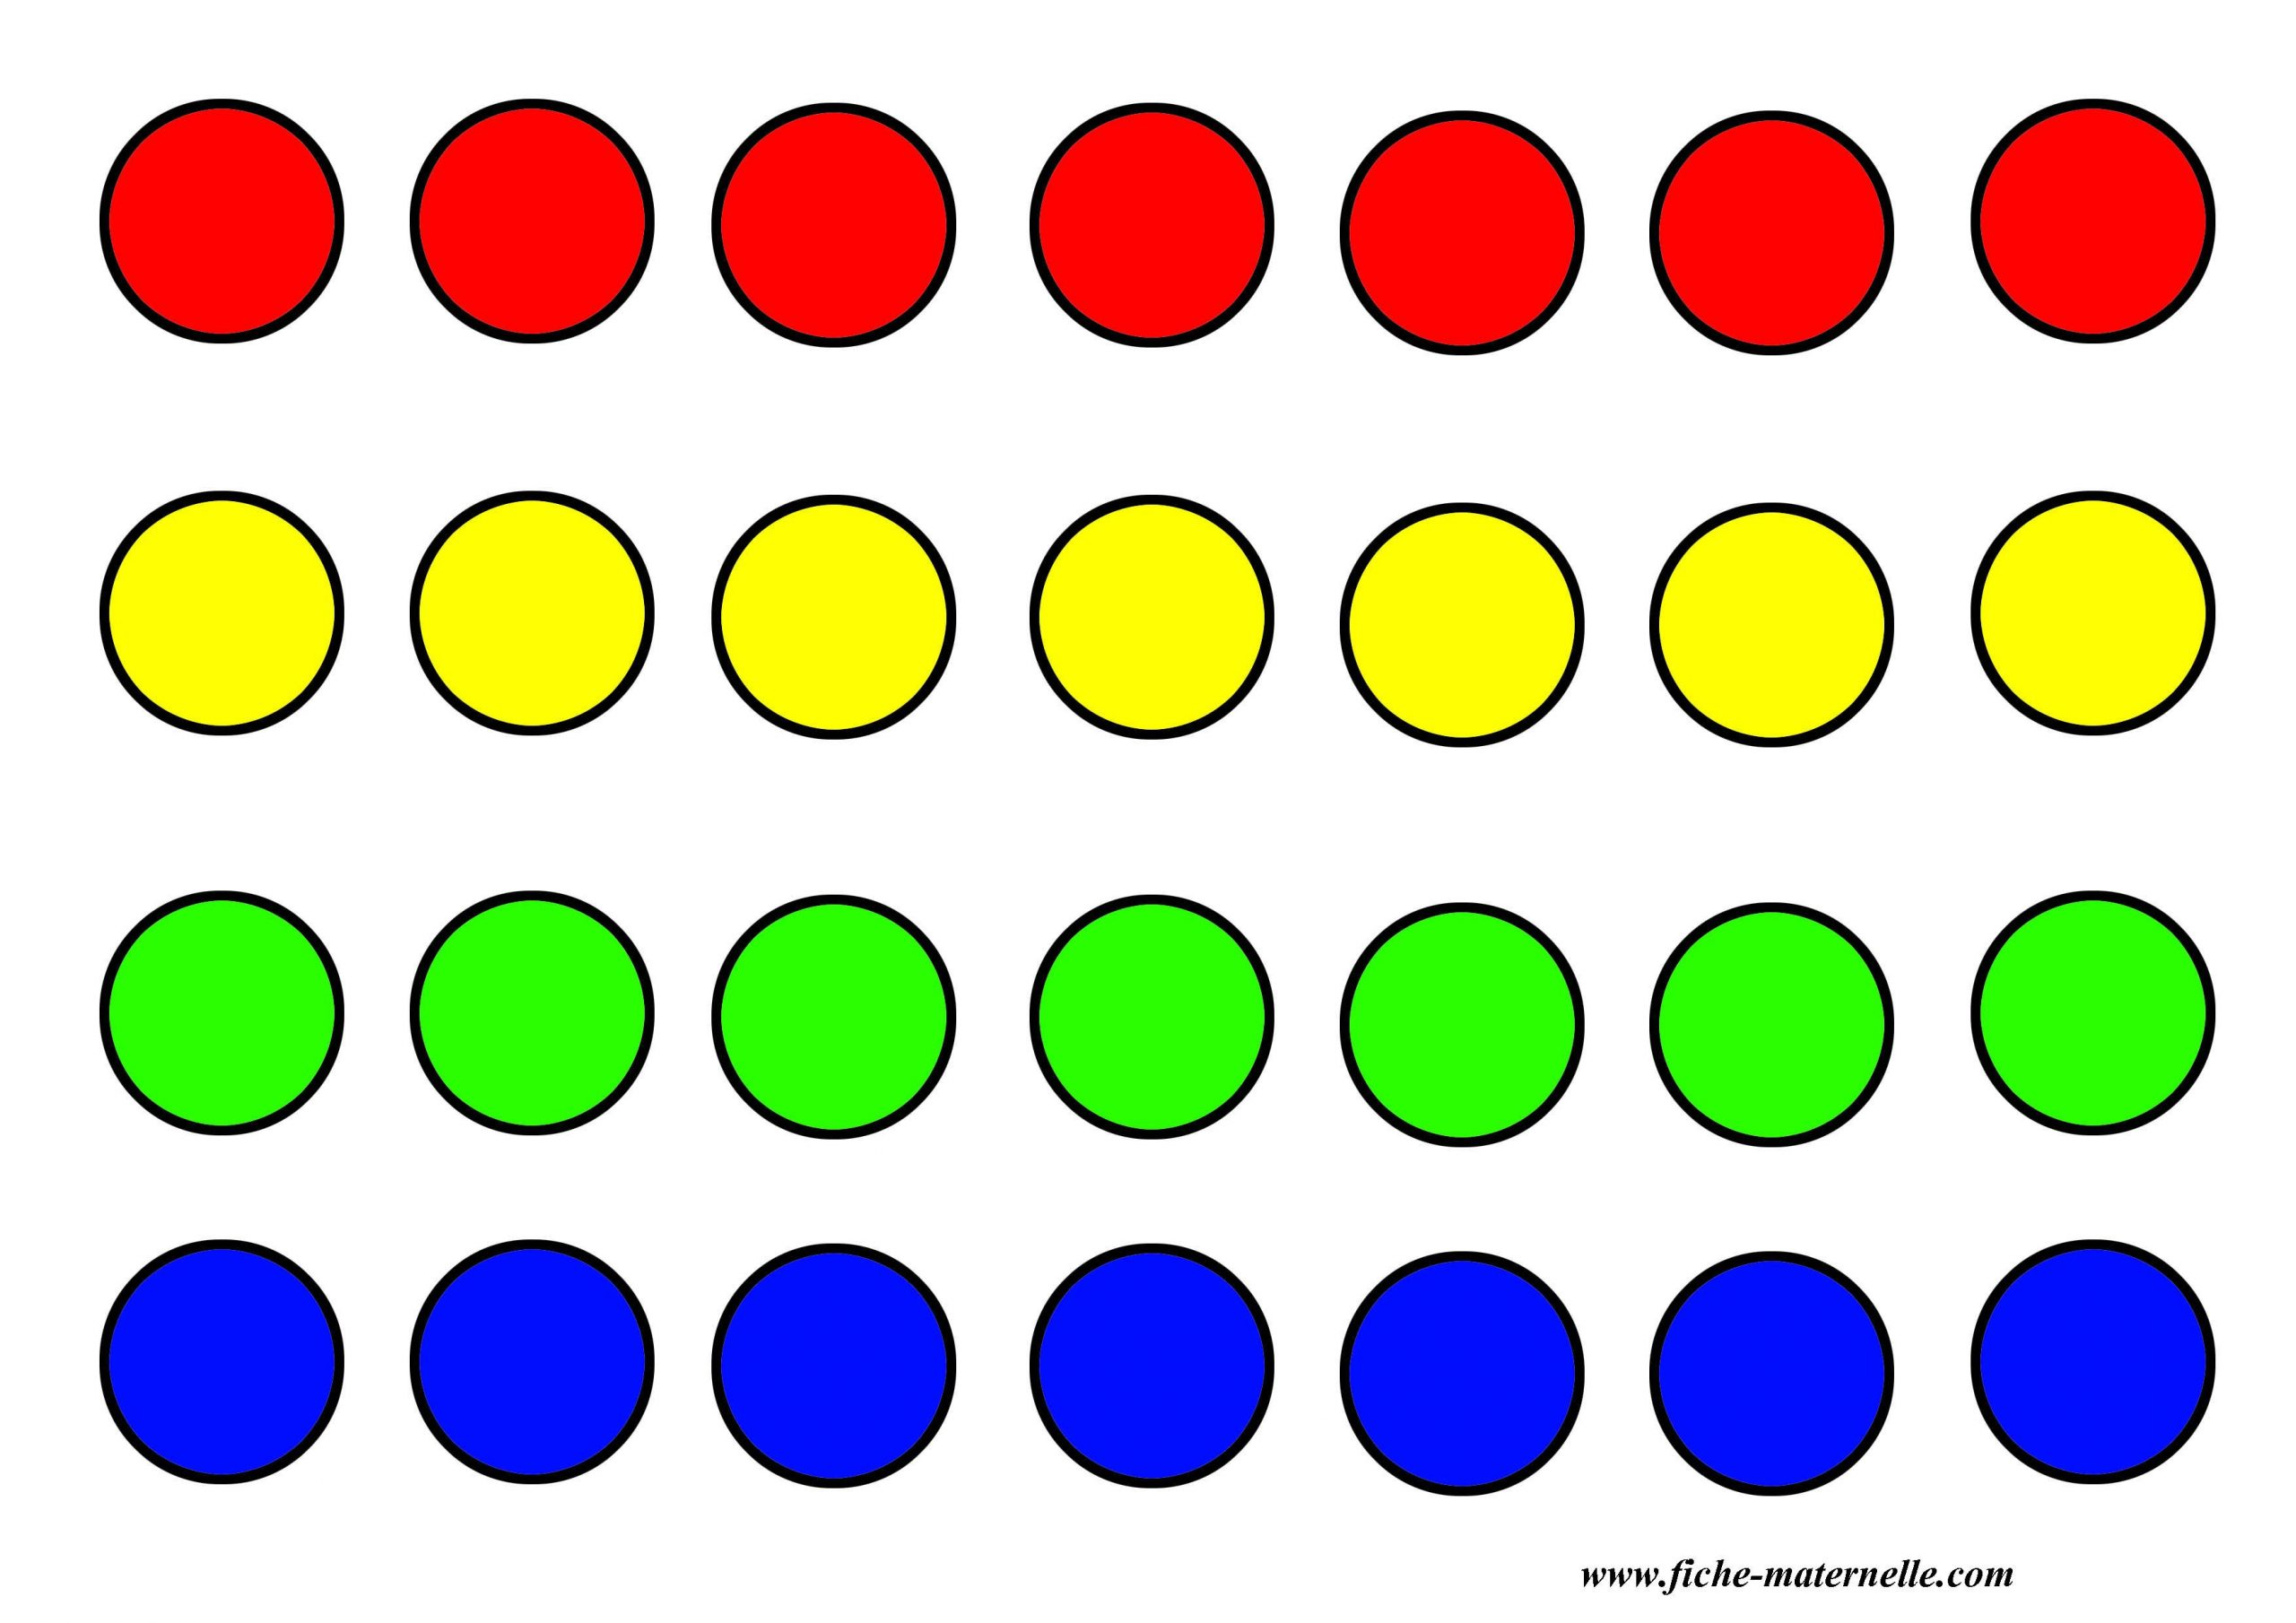 Jeux Pour Apprendre Les Couleurs En Maternelle A Imprimer intérieur Jeux De Maternelle À Imprimer